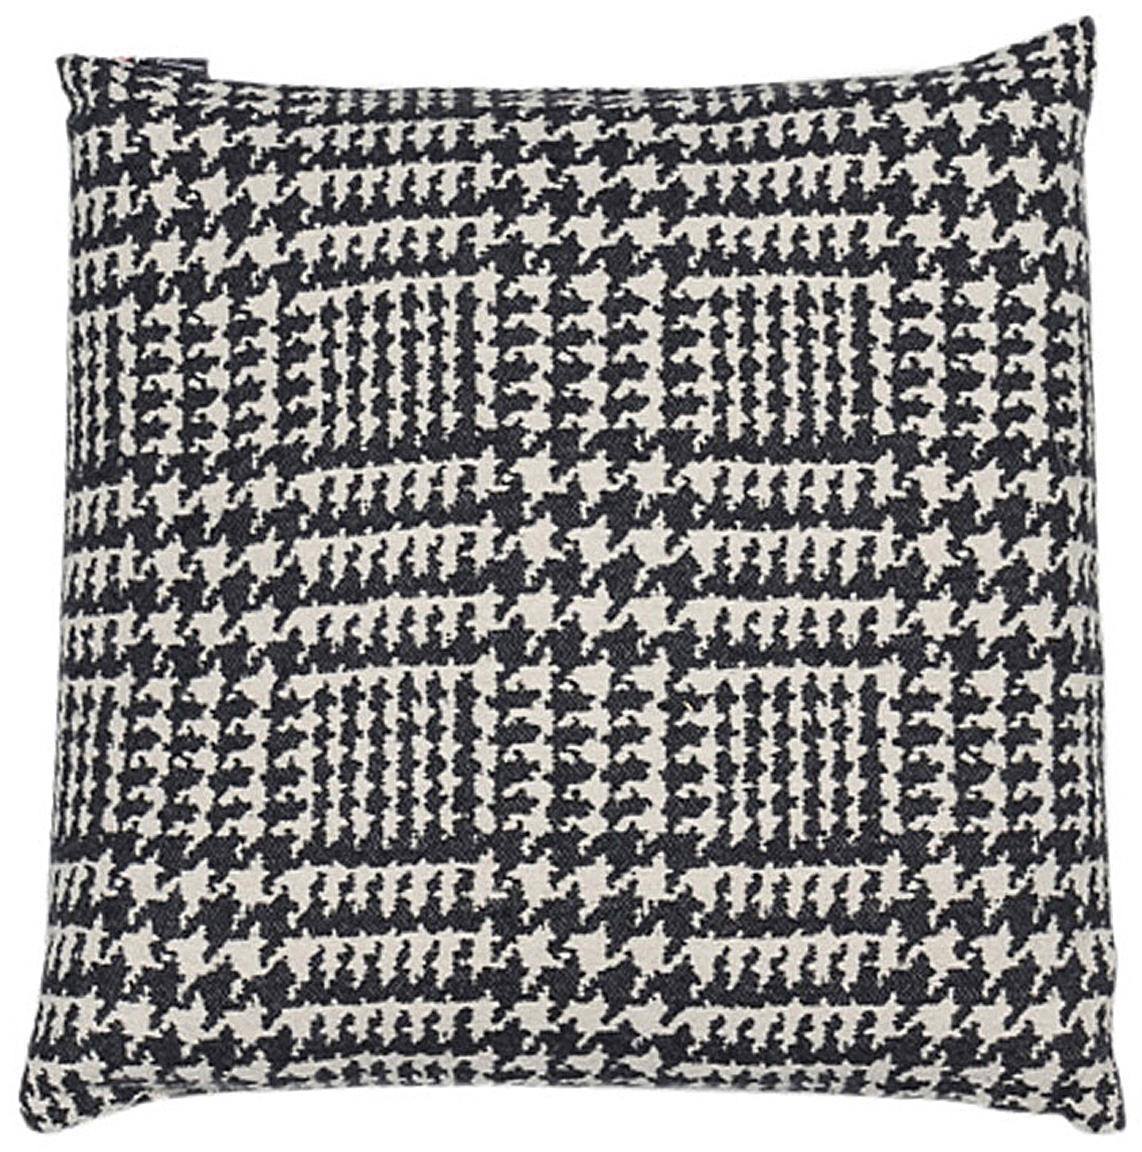 Kissenhülle Glencheck mit Hahnentritt Muster, Bezug: 85% Baumwolle, 8% Viskose, Schwarz, Weiß, 50 x 50 cm